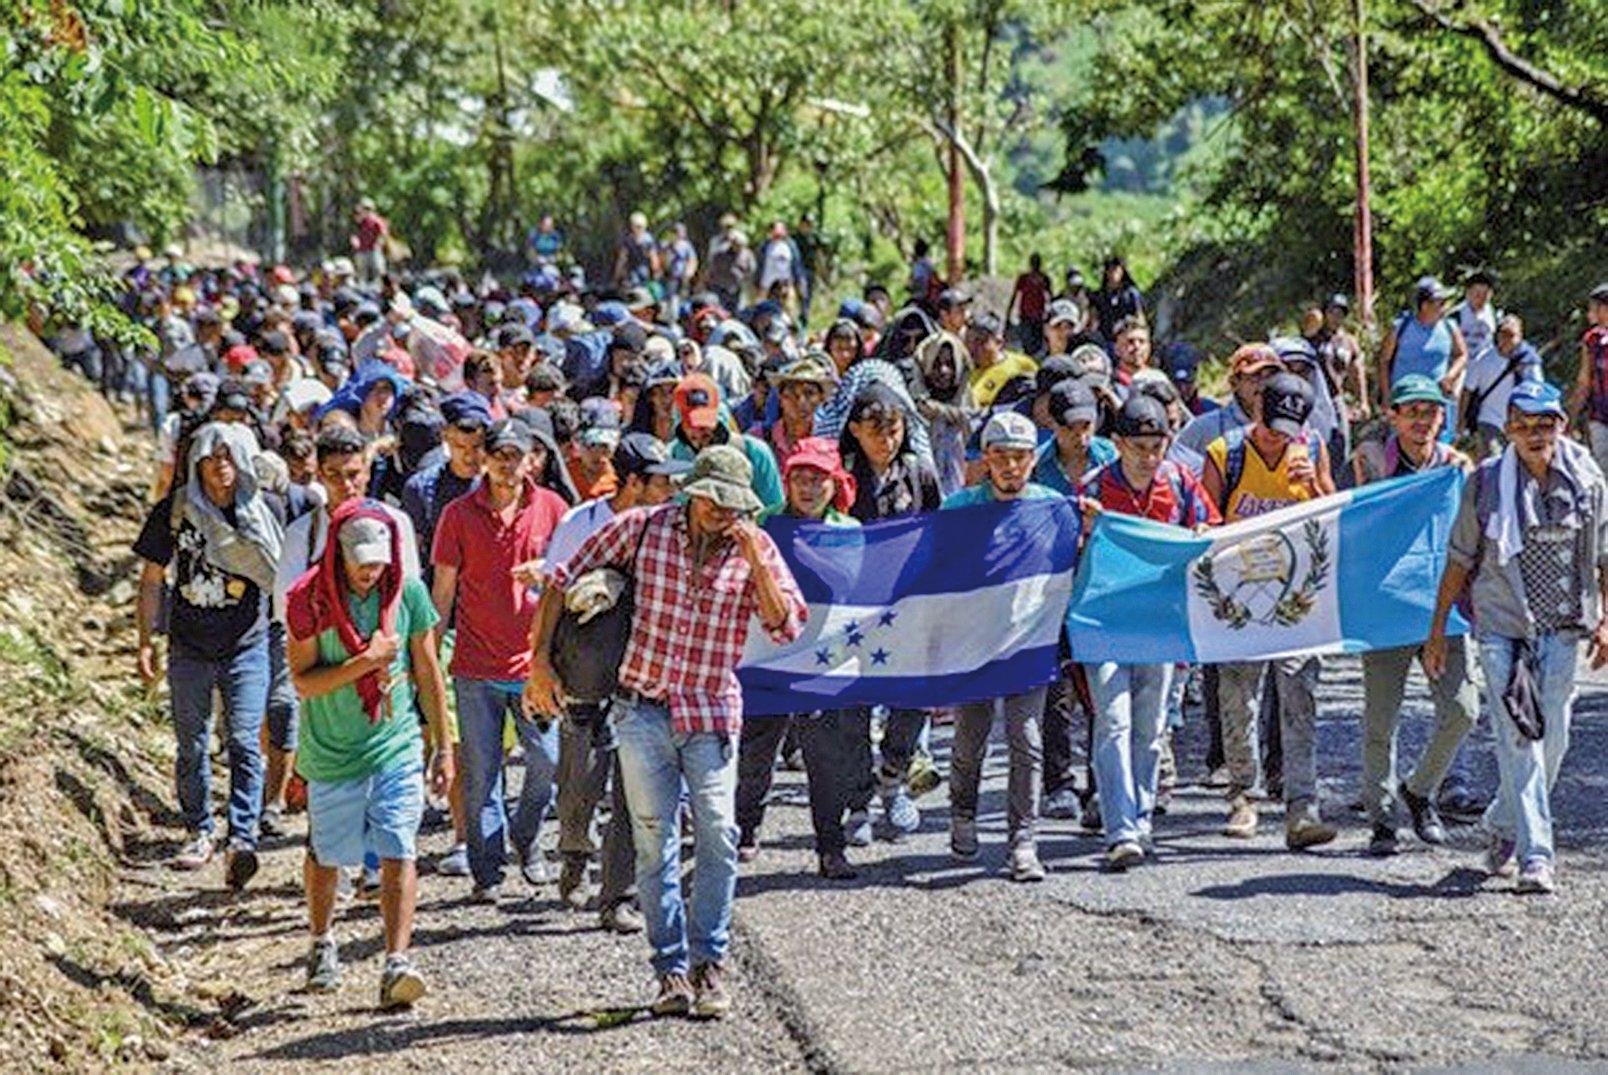 上週末,非法跨越墨西哥南部邊境的移民飆升至七千到一萬人左右。(AFP)